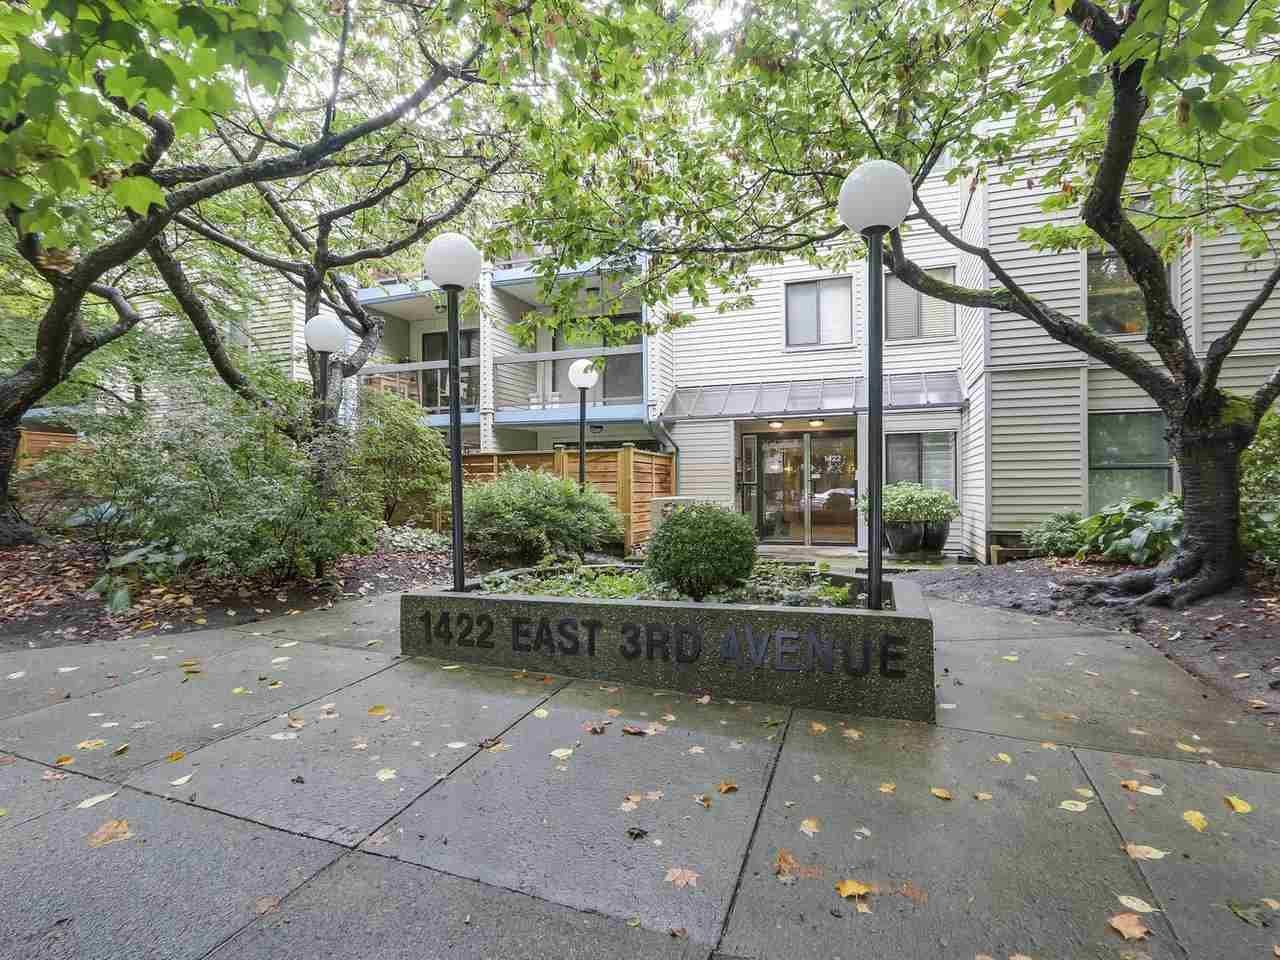 """Main Photo: 308 1422 E 3RD Avenue in Vancouver: Grandview VE Condo for sale in """"La Contessa"""" (Vancouver East)  : MLS®# R2304077"""